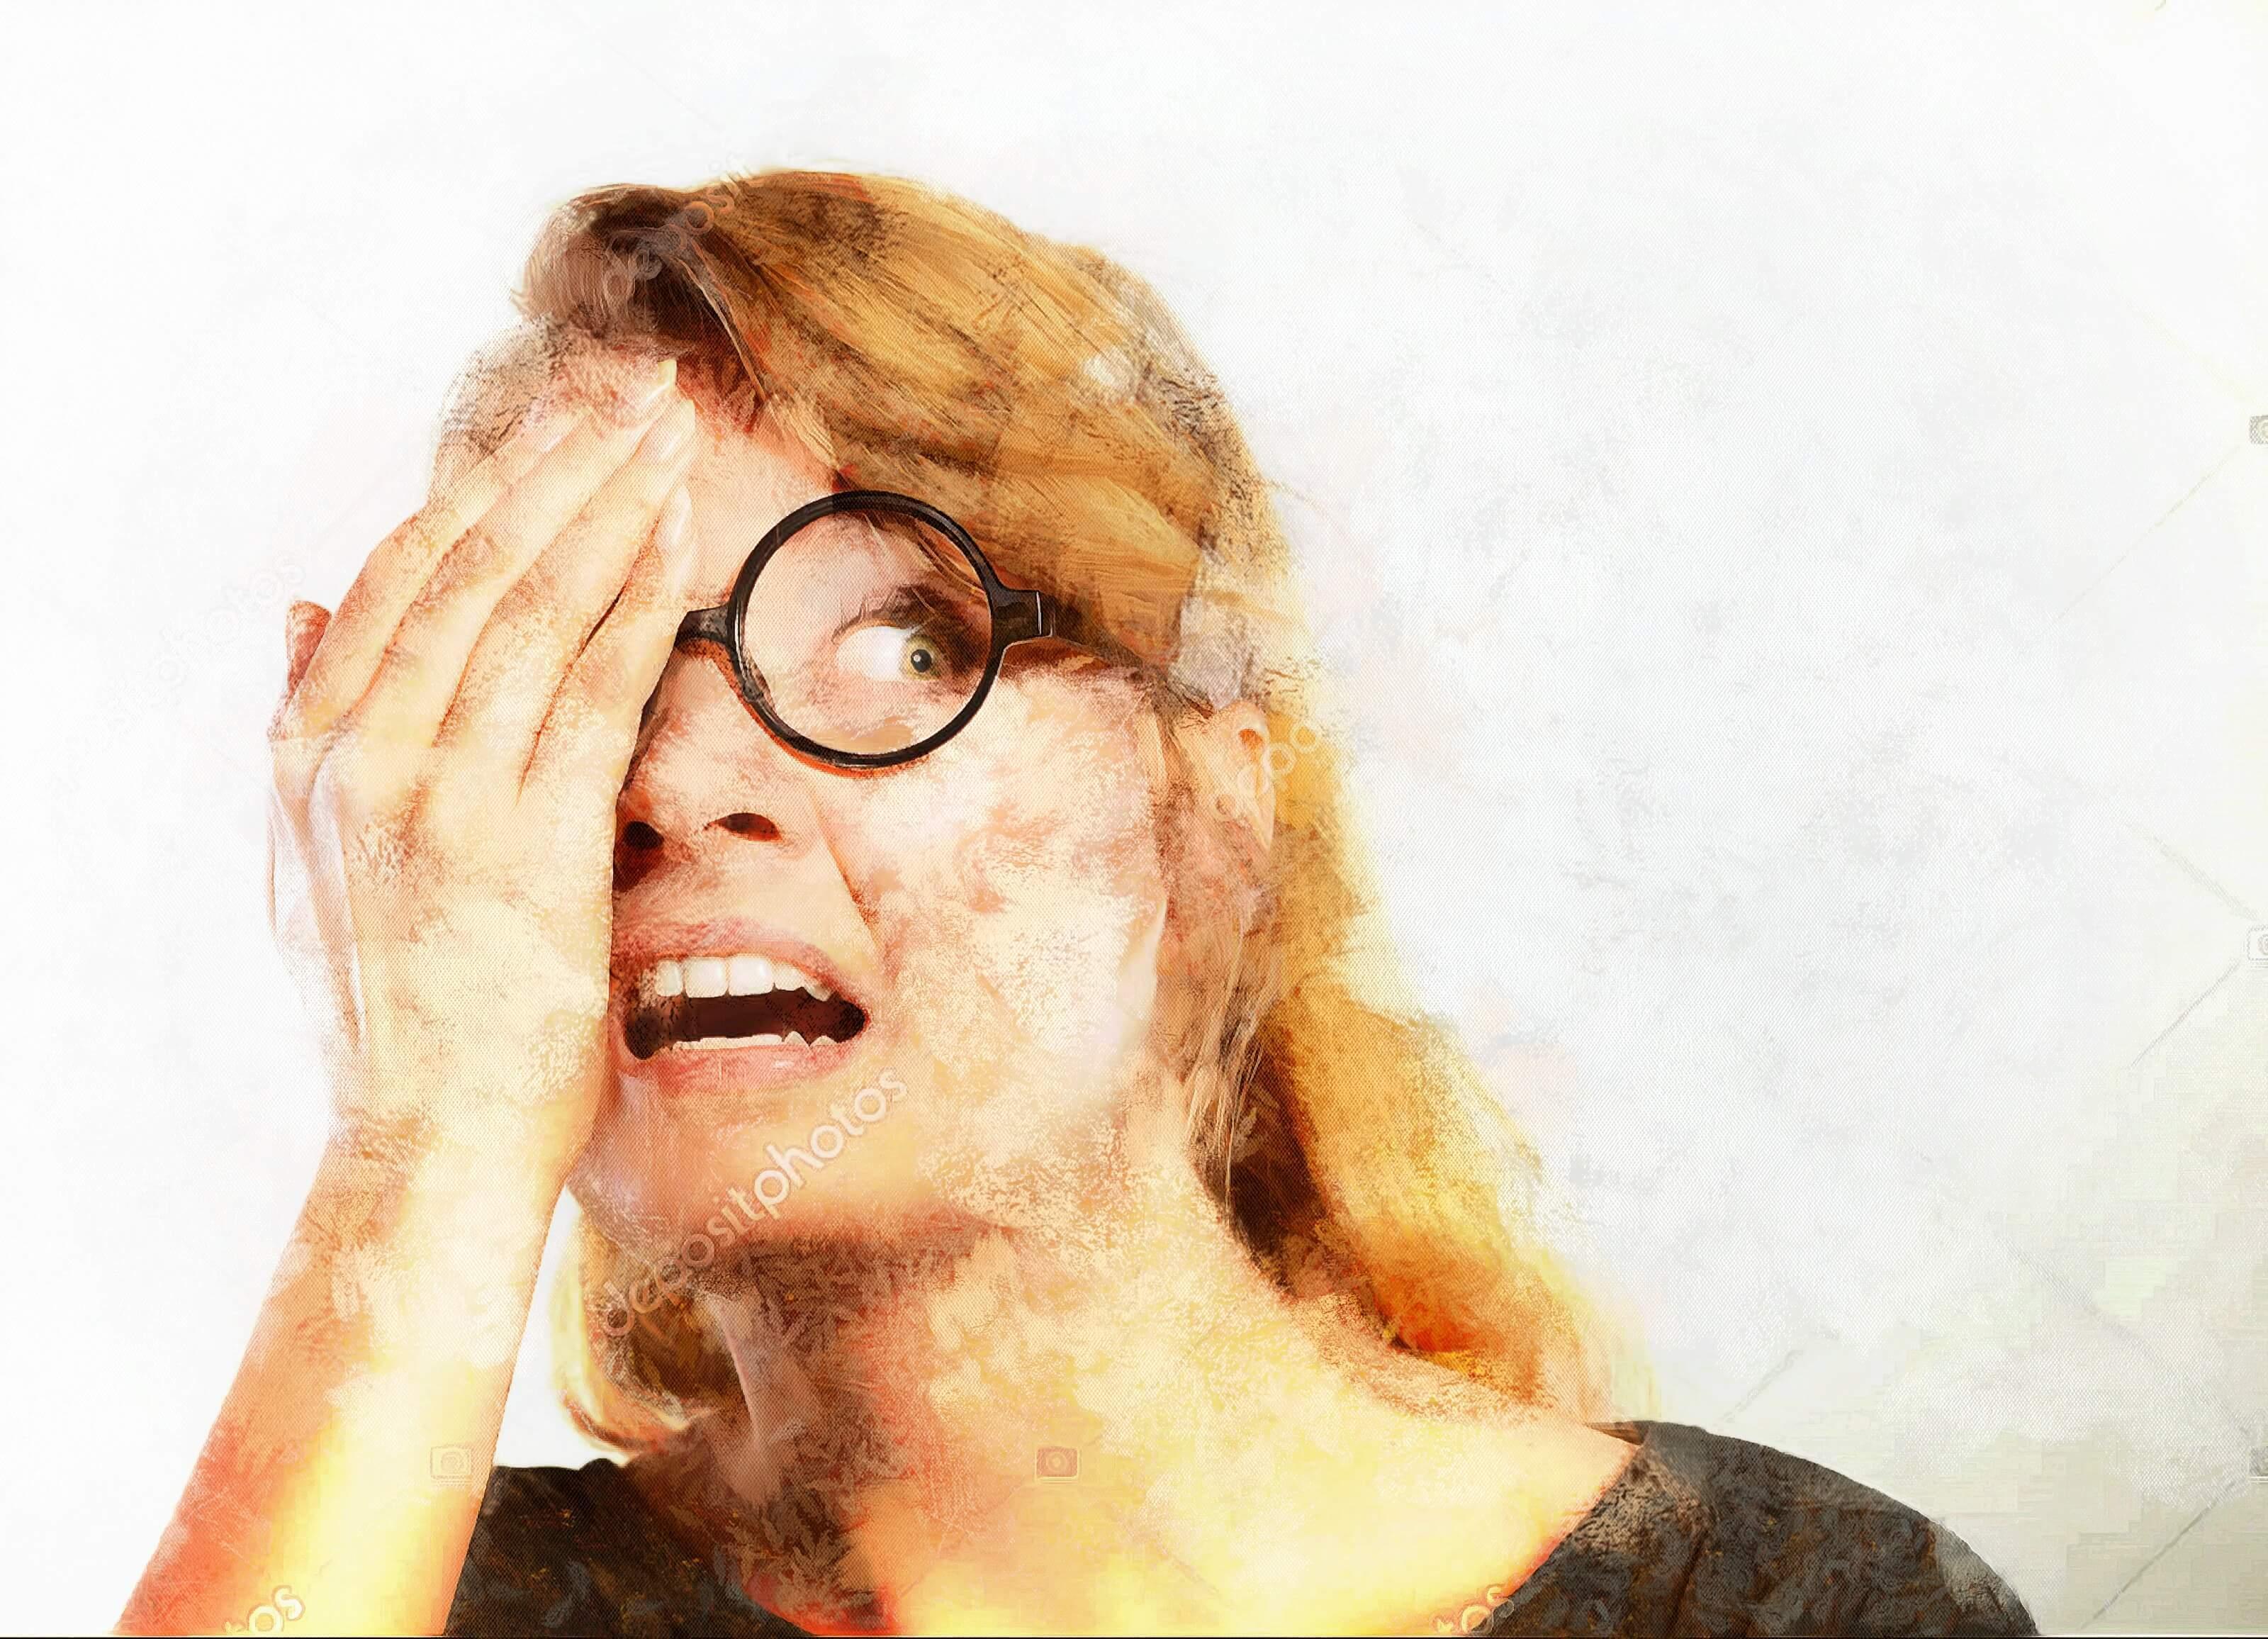 7 страхов, которые останавливают взять ипотеку